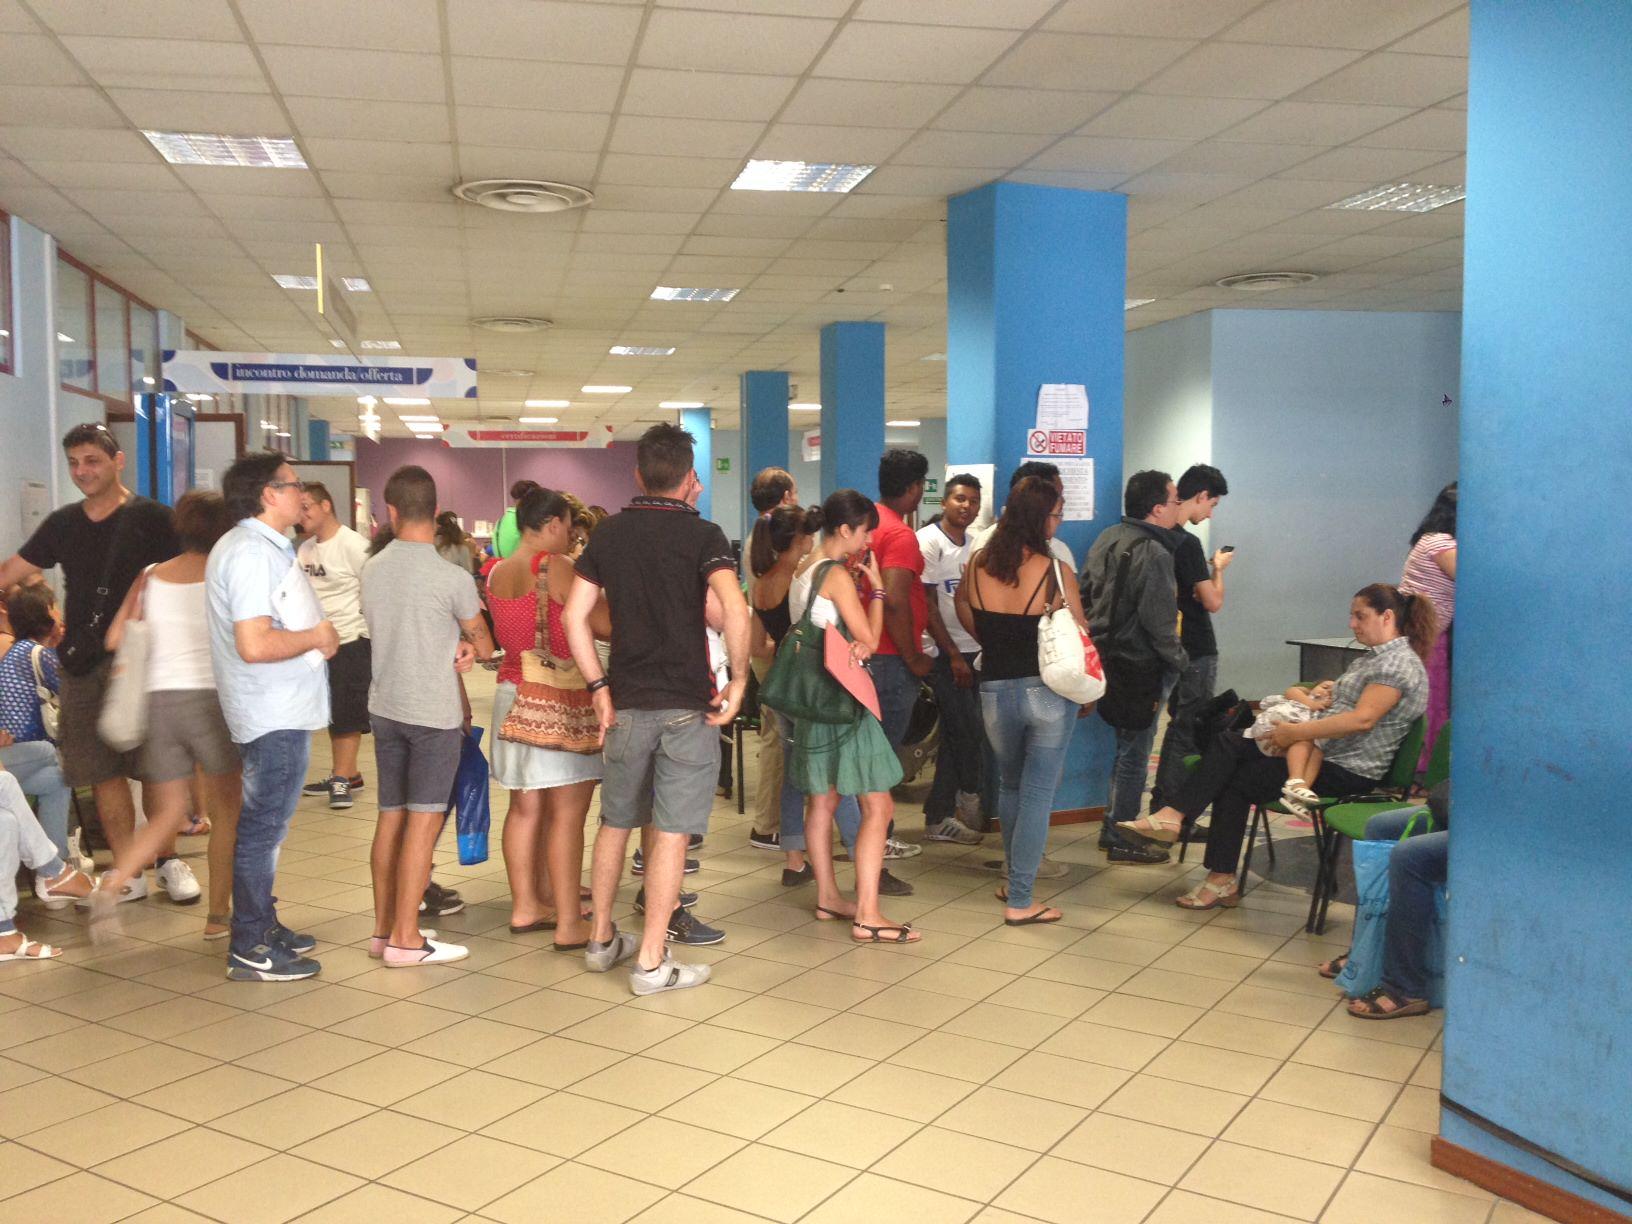 Ufficio Di Collocamento Catania : Ufficio di collocamento catania newsicilia